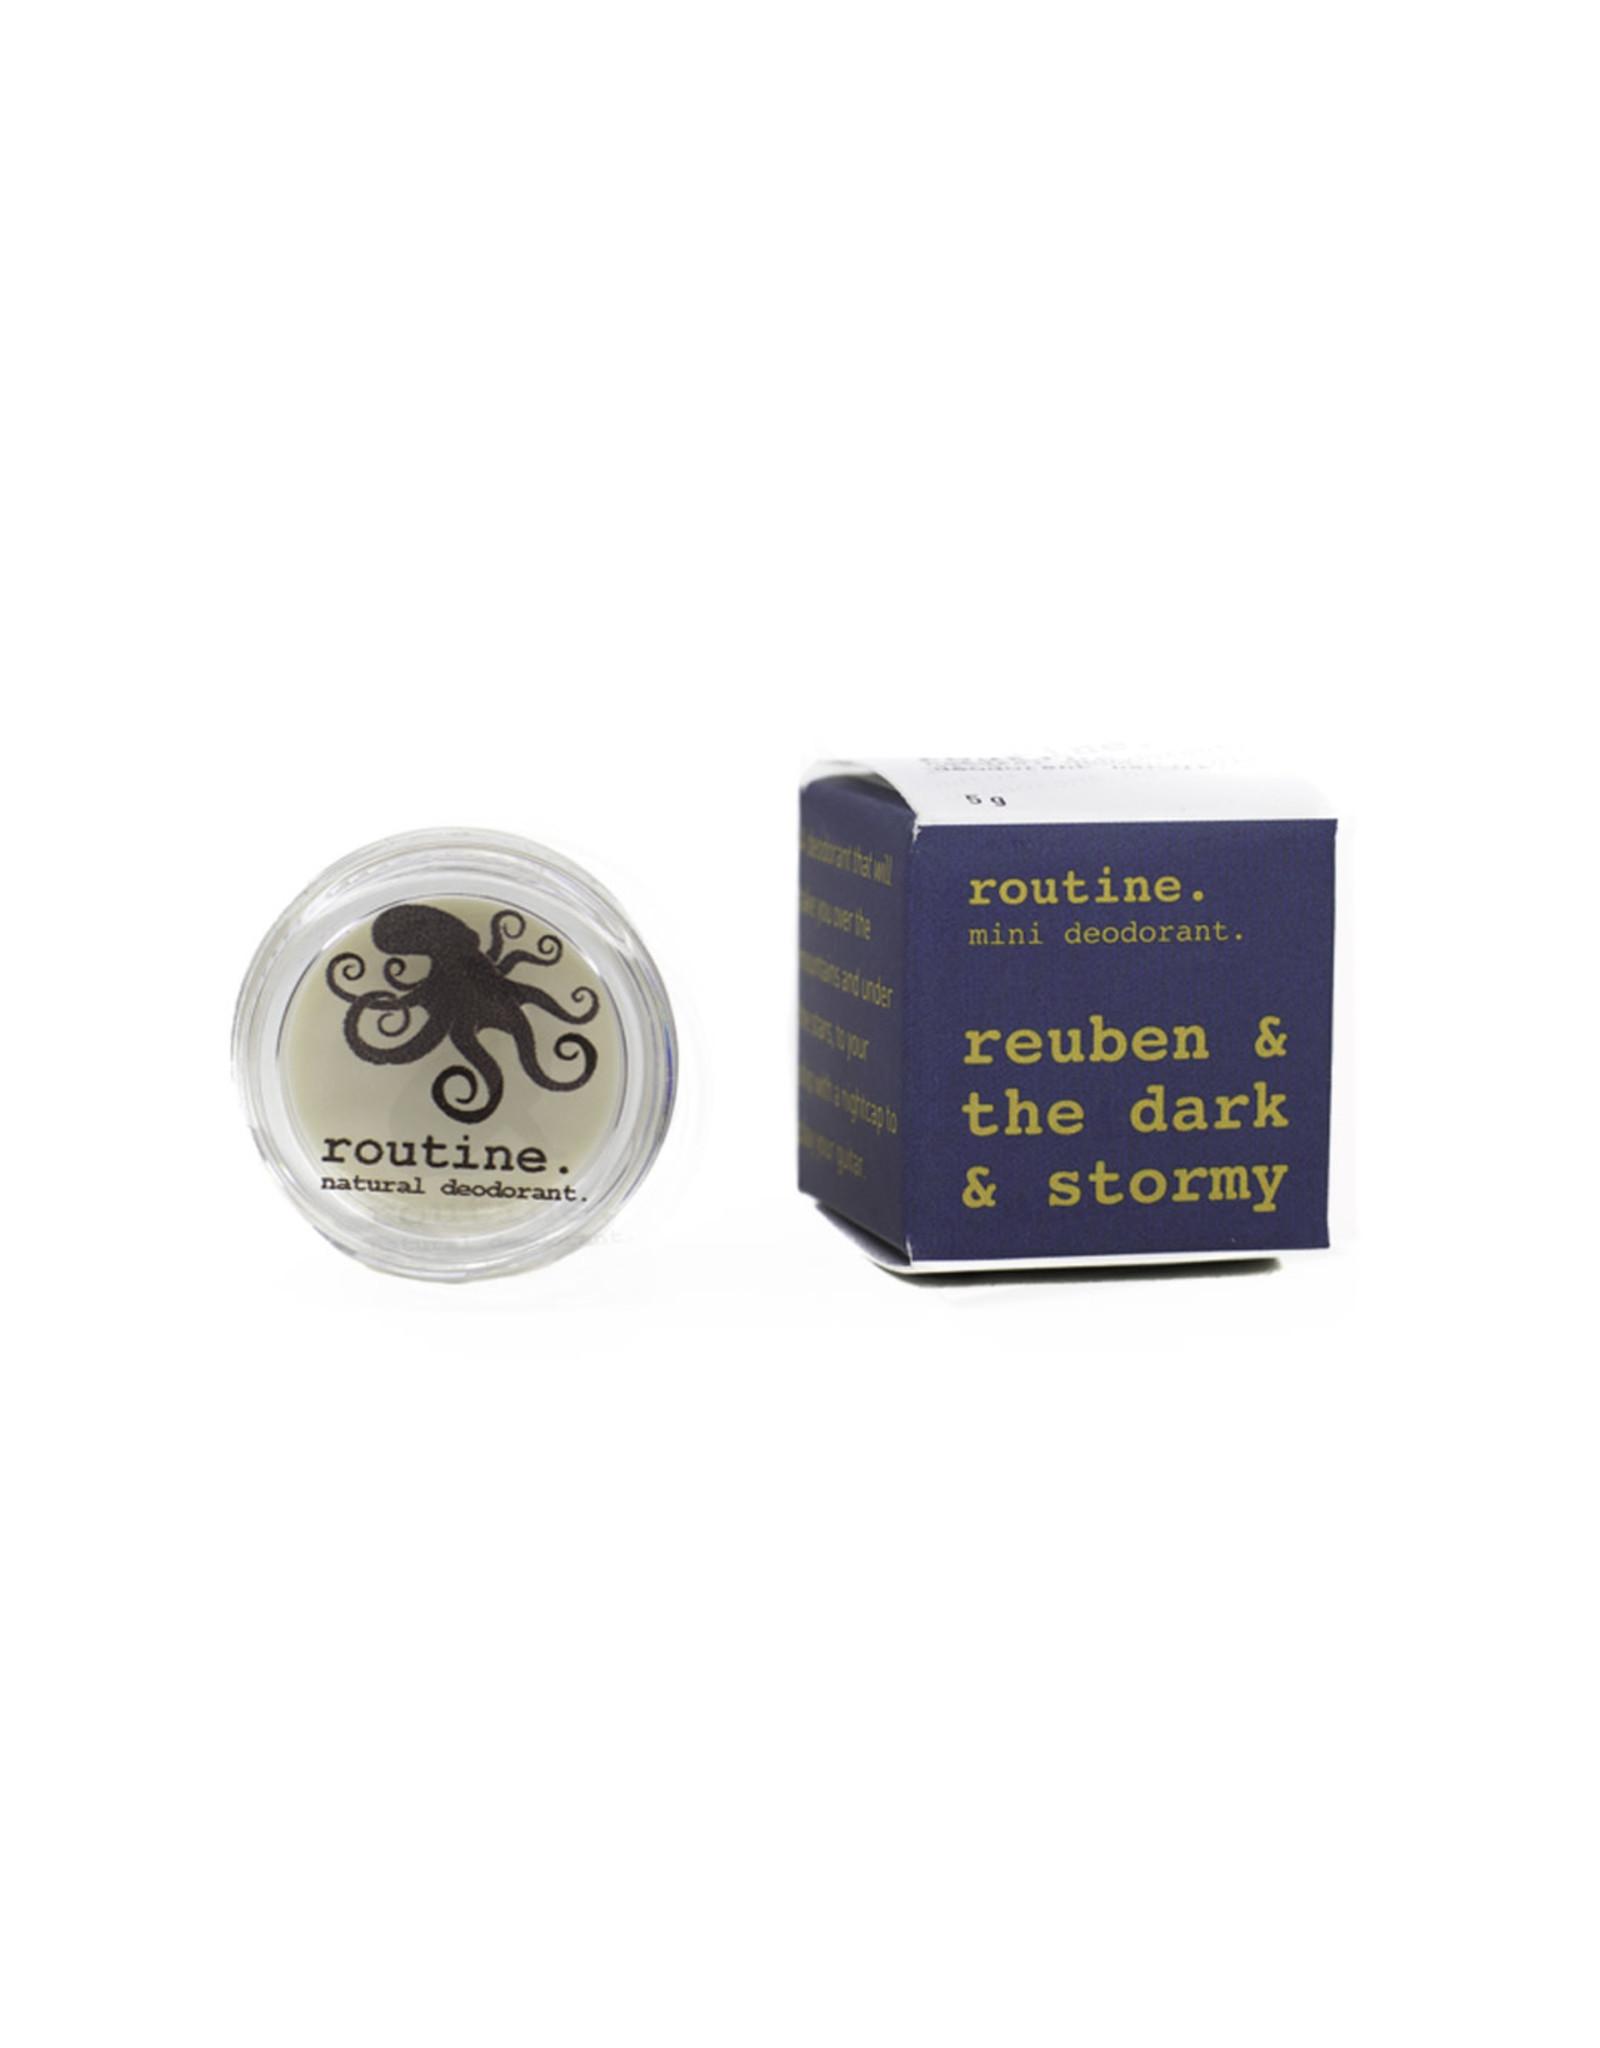 Routine Reuben & The Dark & Stormy